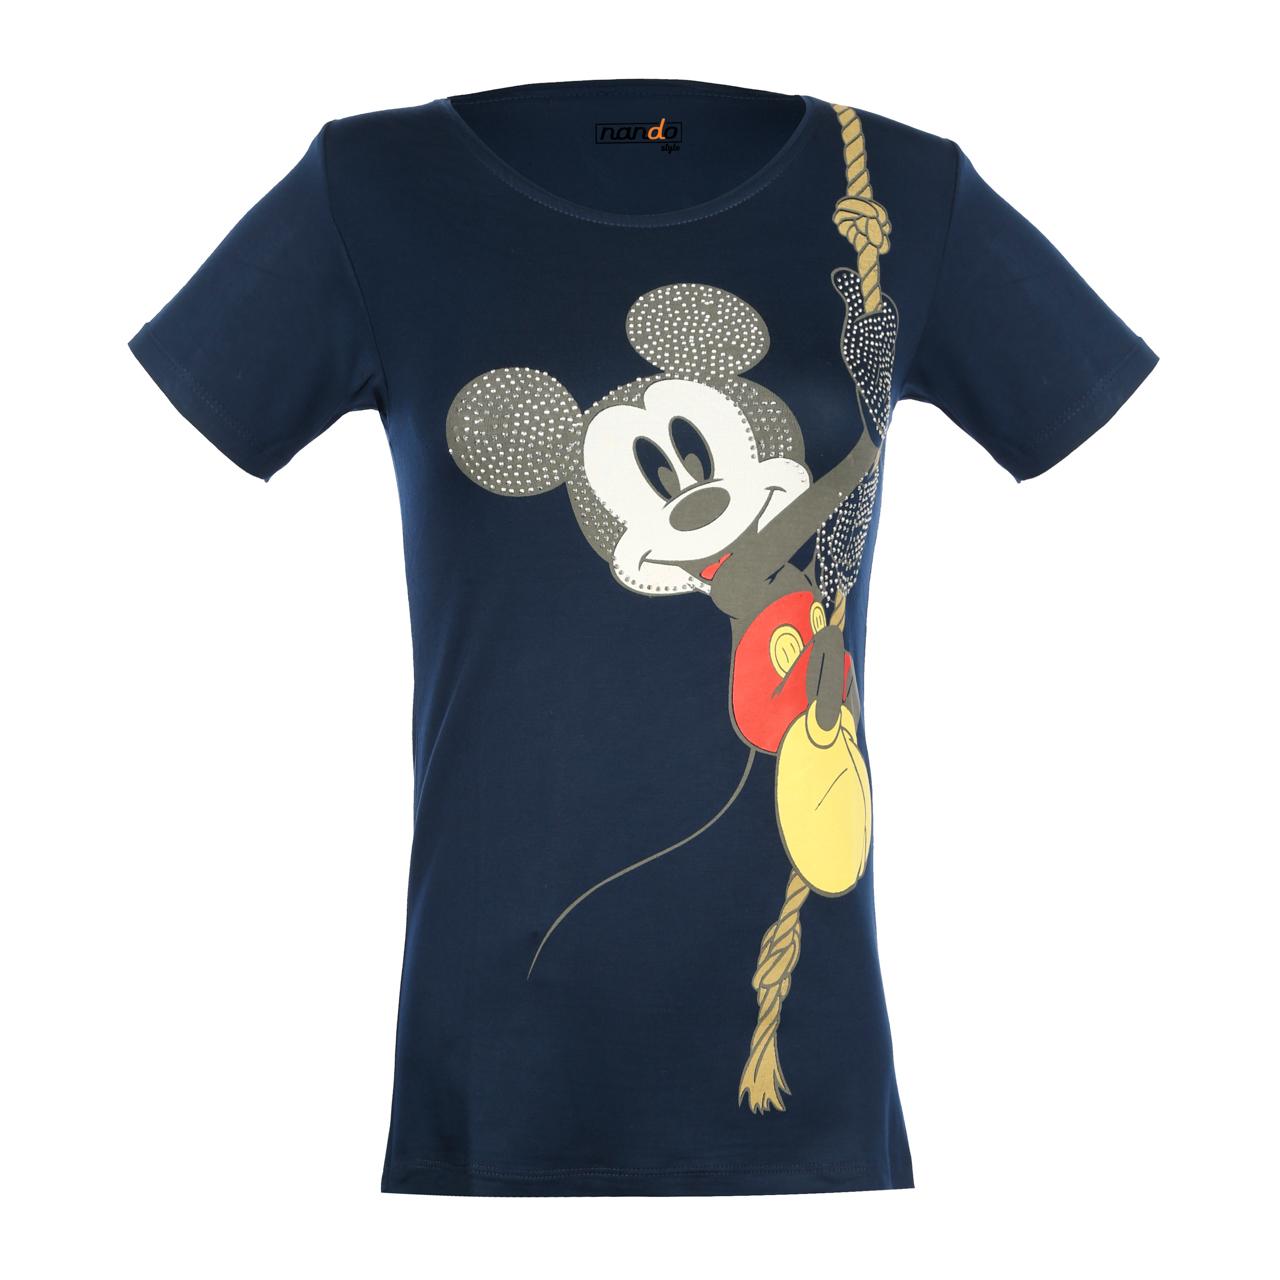 تی شرت زنانه ناندو استایل طرح میکی موس کد NS33